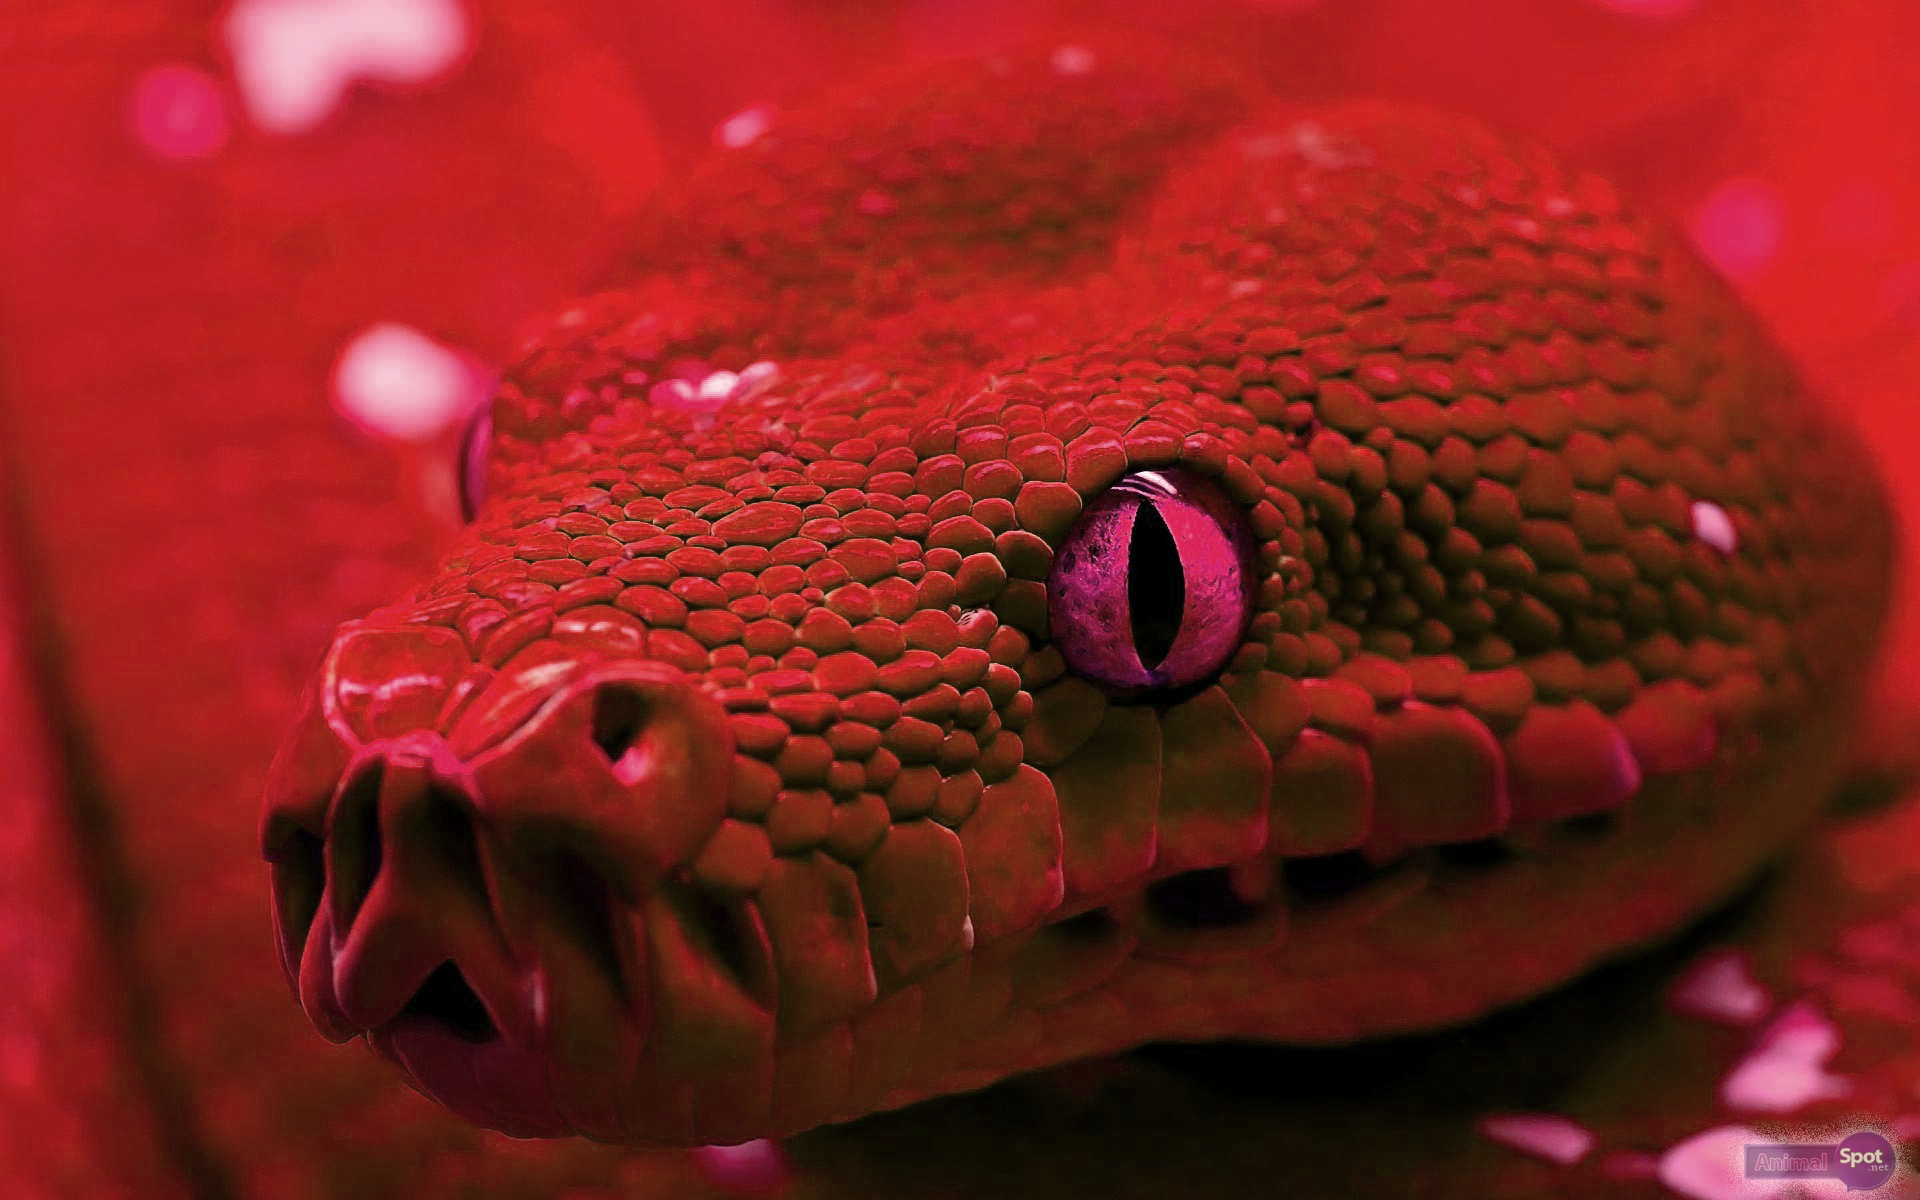 3d Dangerous Snake Wallpaper Desktop Snake Wallpapers Animal Spot